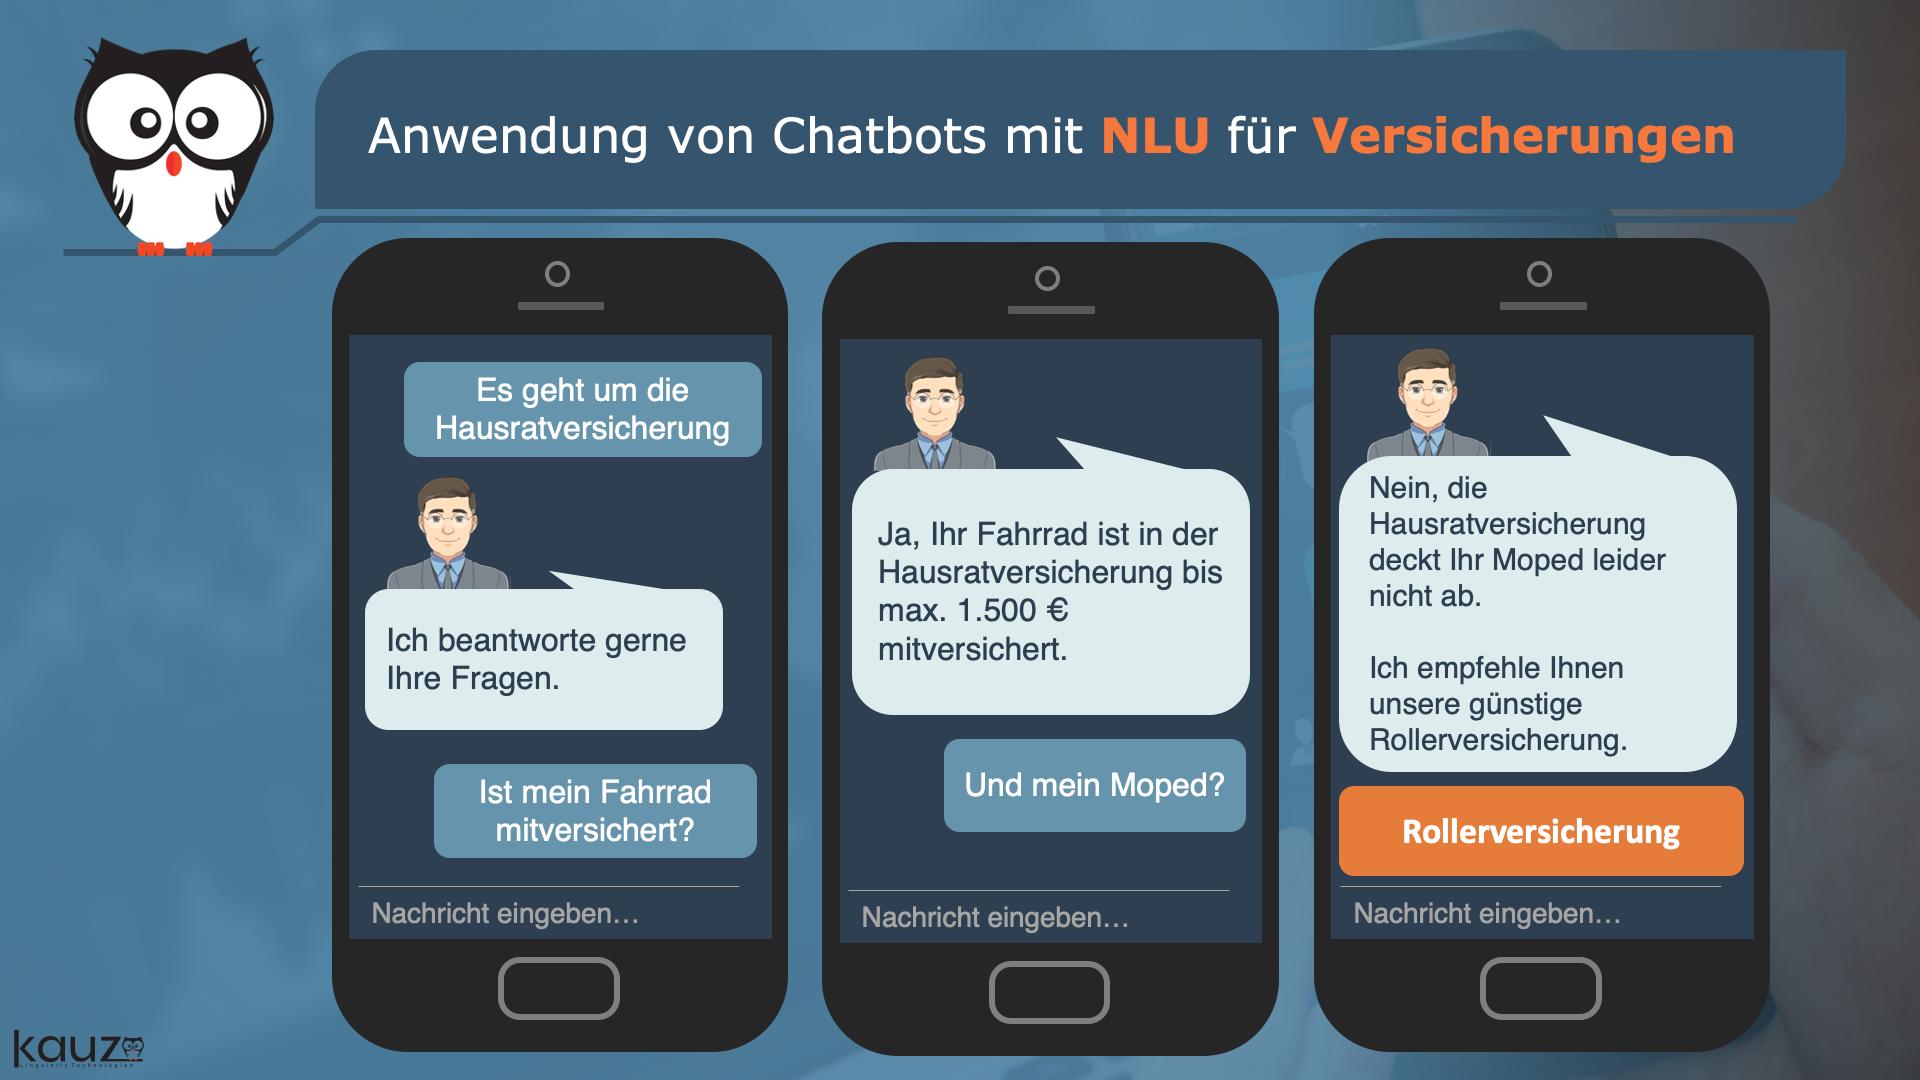 Anwendung Von Chatbots Mit NLU Für Versicherungen